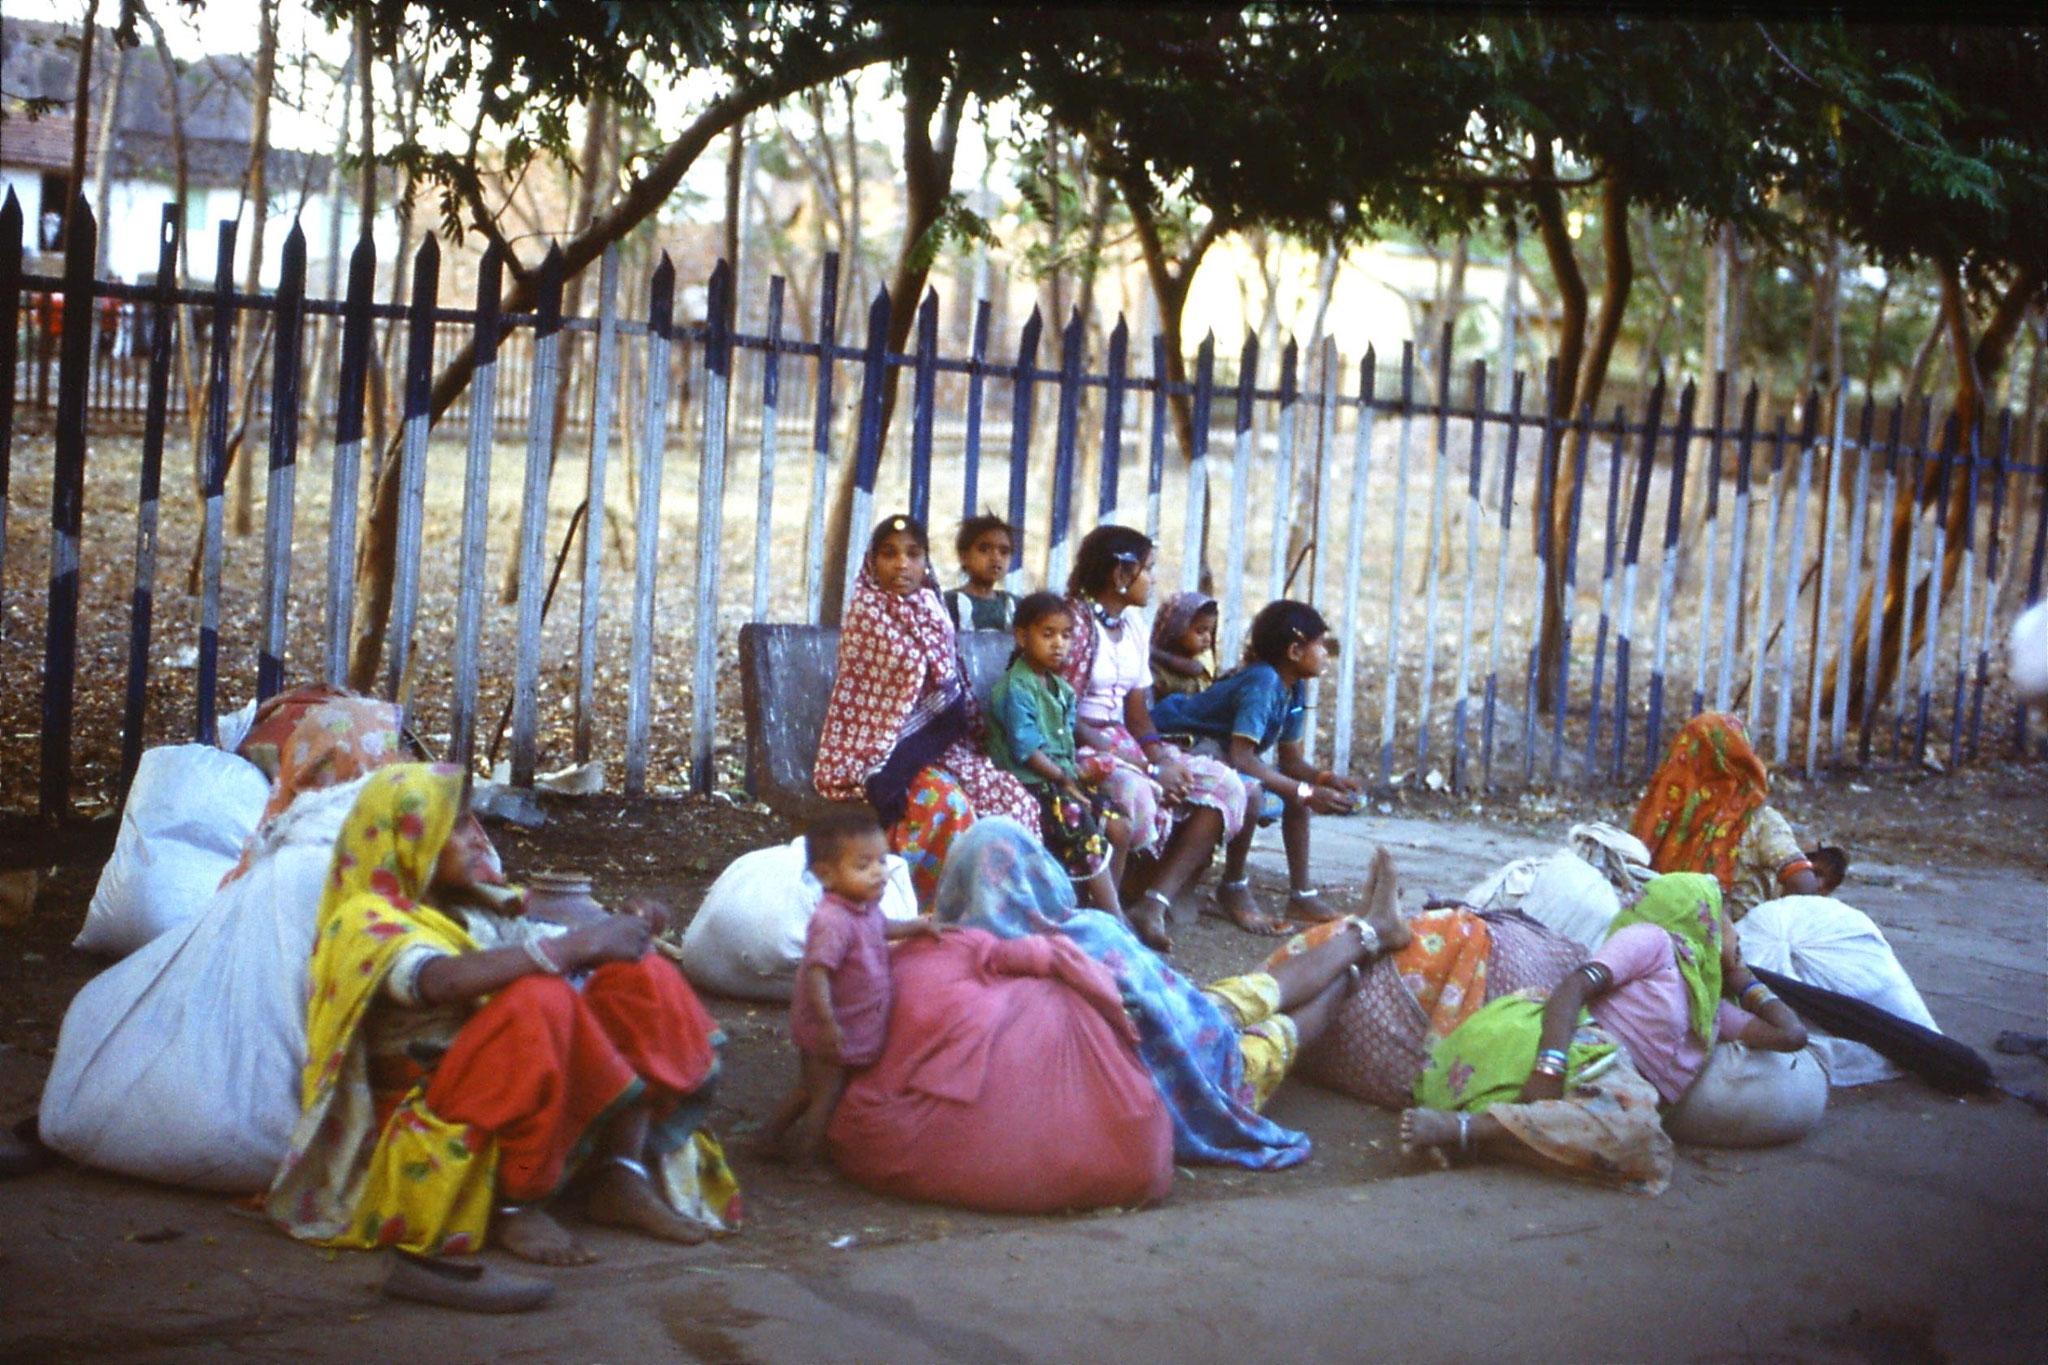 108/35: 24/3/1990 Vidashastri - near Bhopal